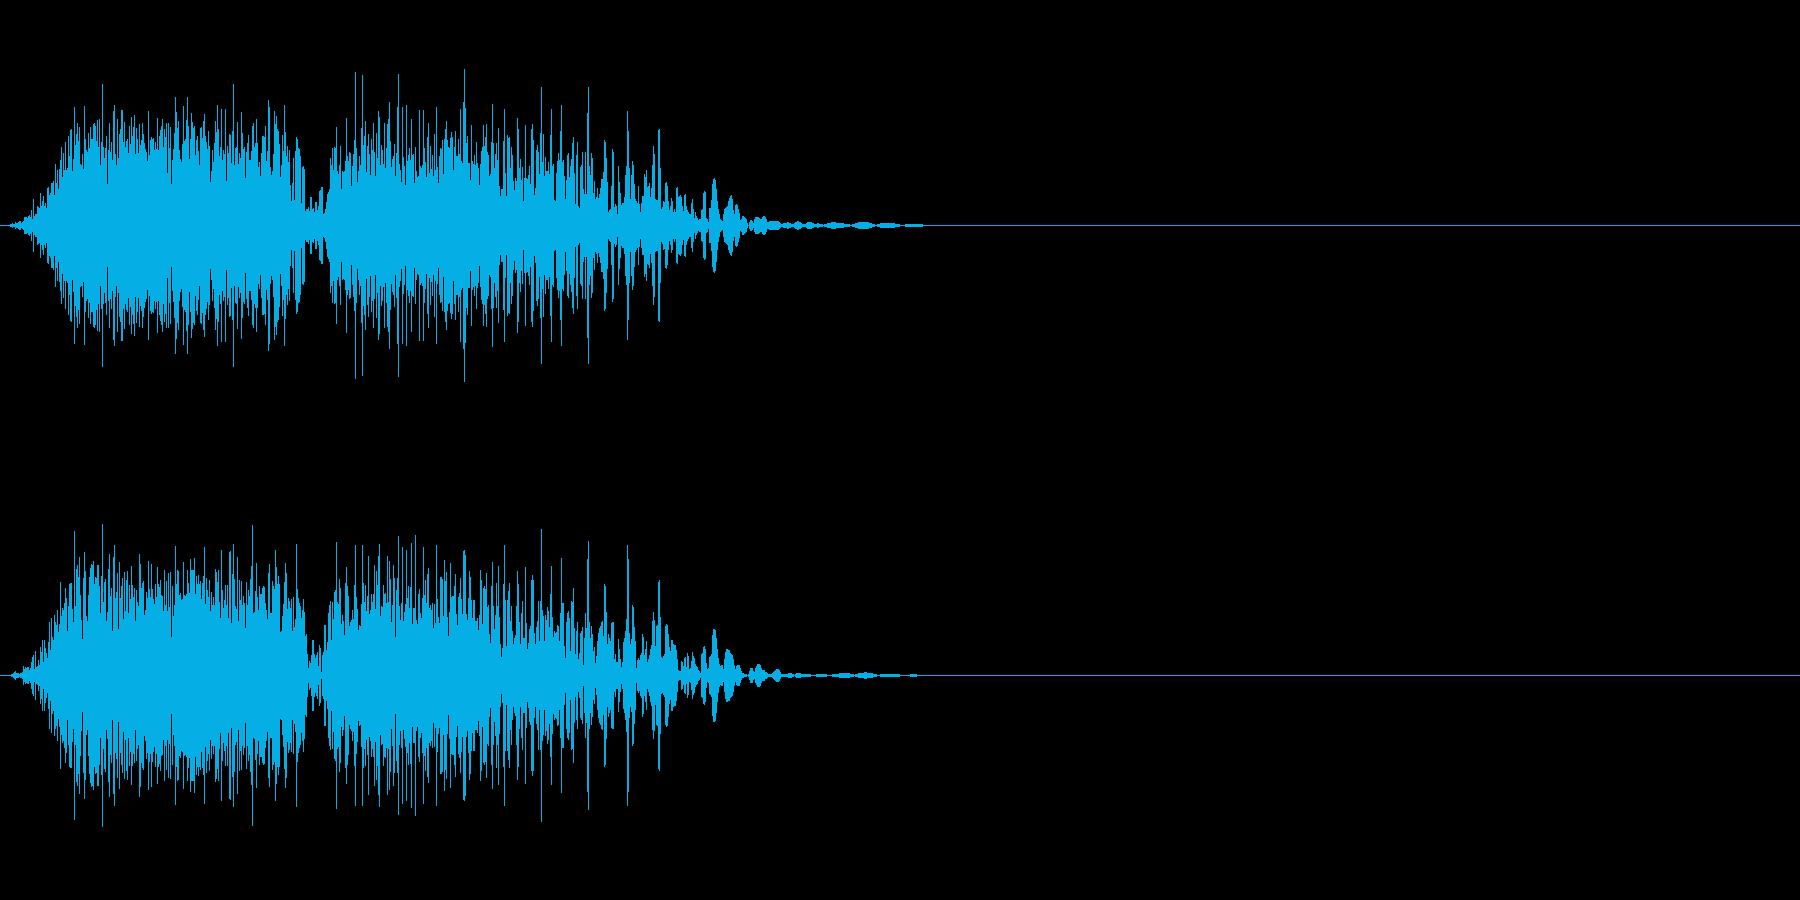 DJスクラッチ06_ワンショット01の再生済みの波形